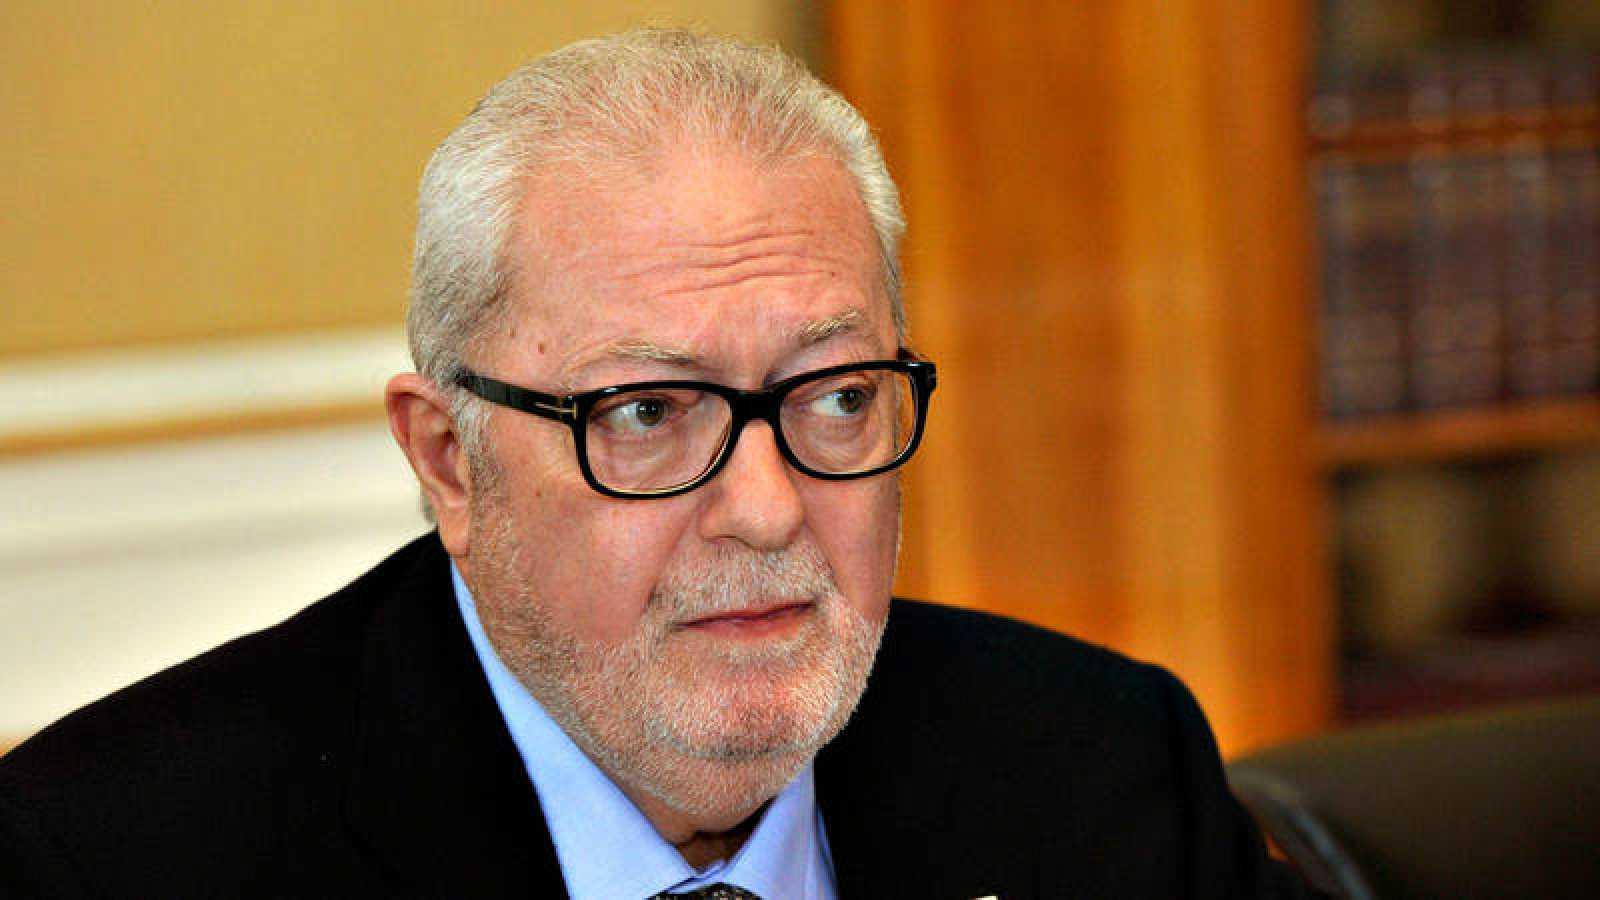 El senador del PP Pedro Agramunt, al que un informe relaciona con sobornos de Azerbaiyán